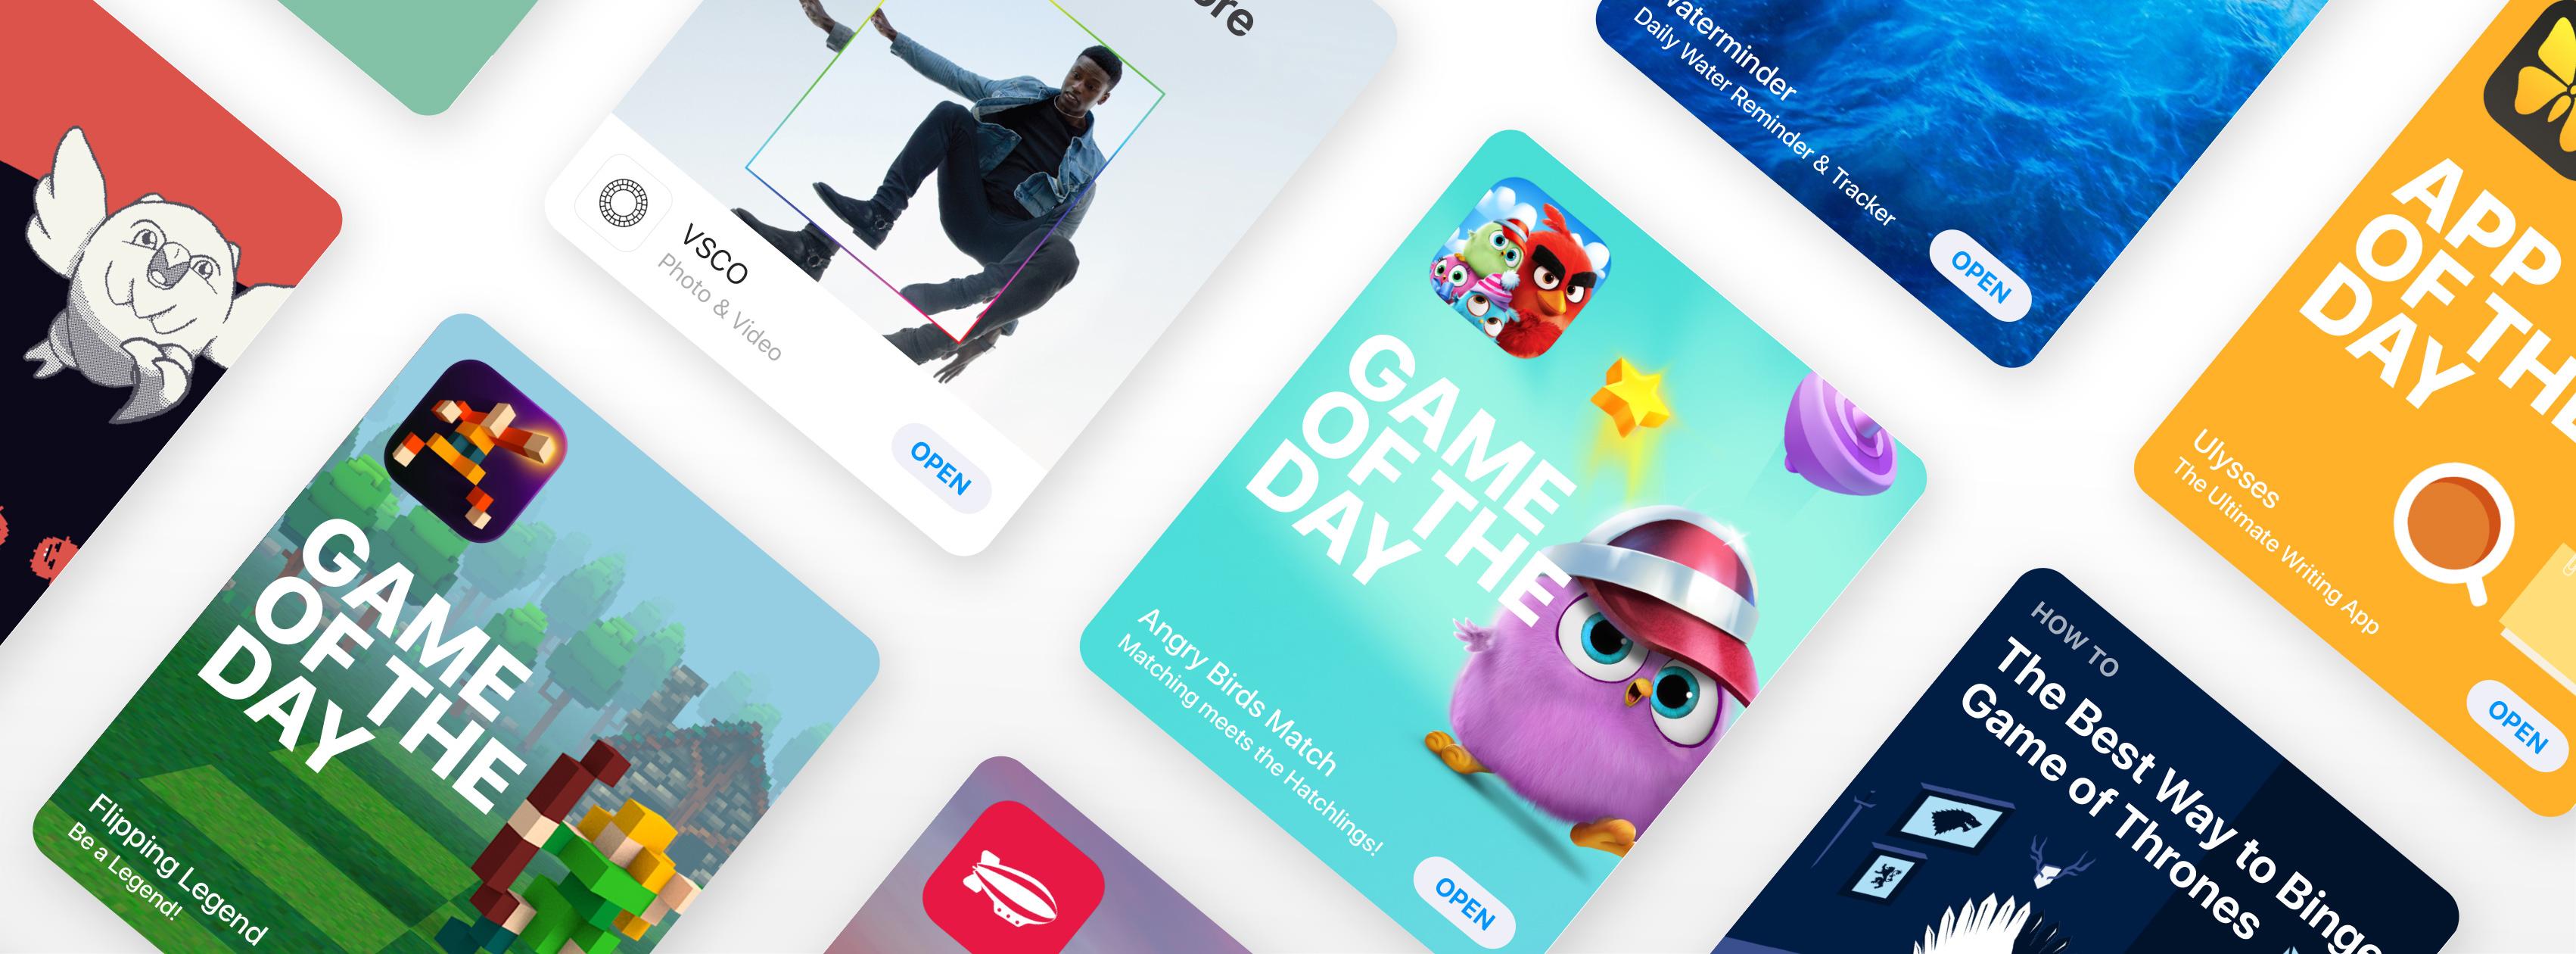 Apple app store 20180104 uncropped - Novinky za uplynulý týždeň: HomePod sa blíži, Apple investuje, Tim Cook o batériach a ďalšie...